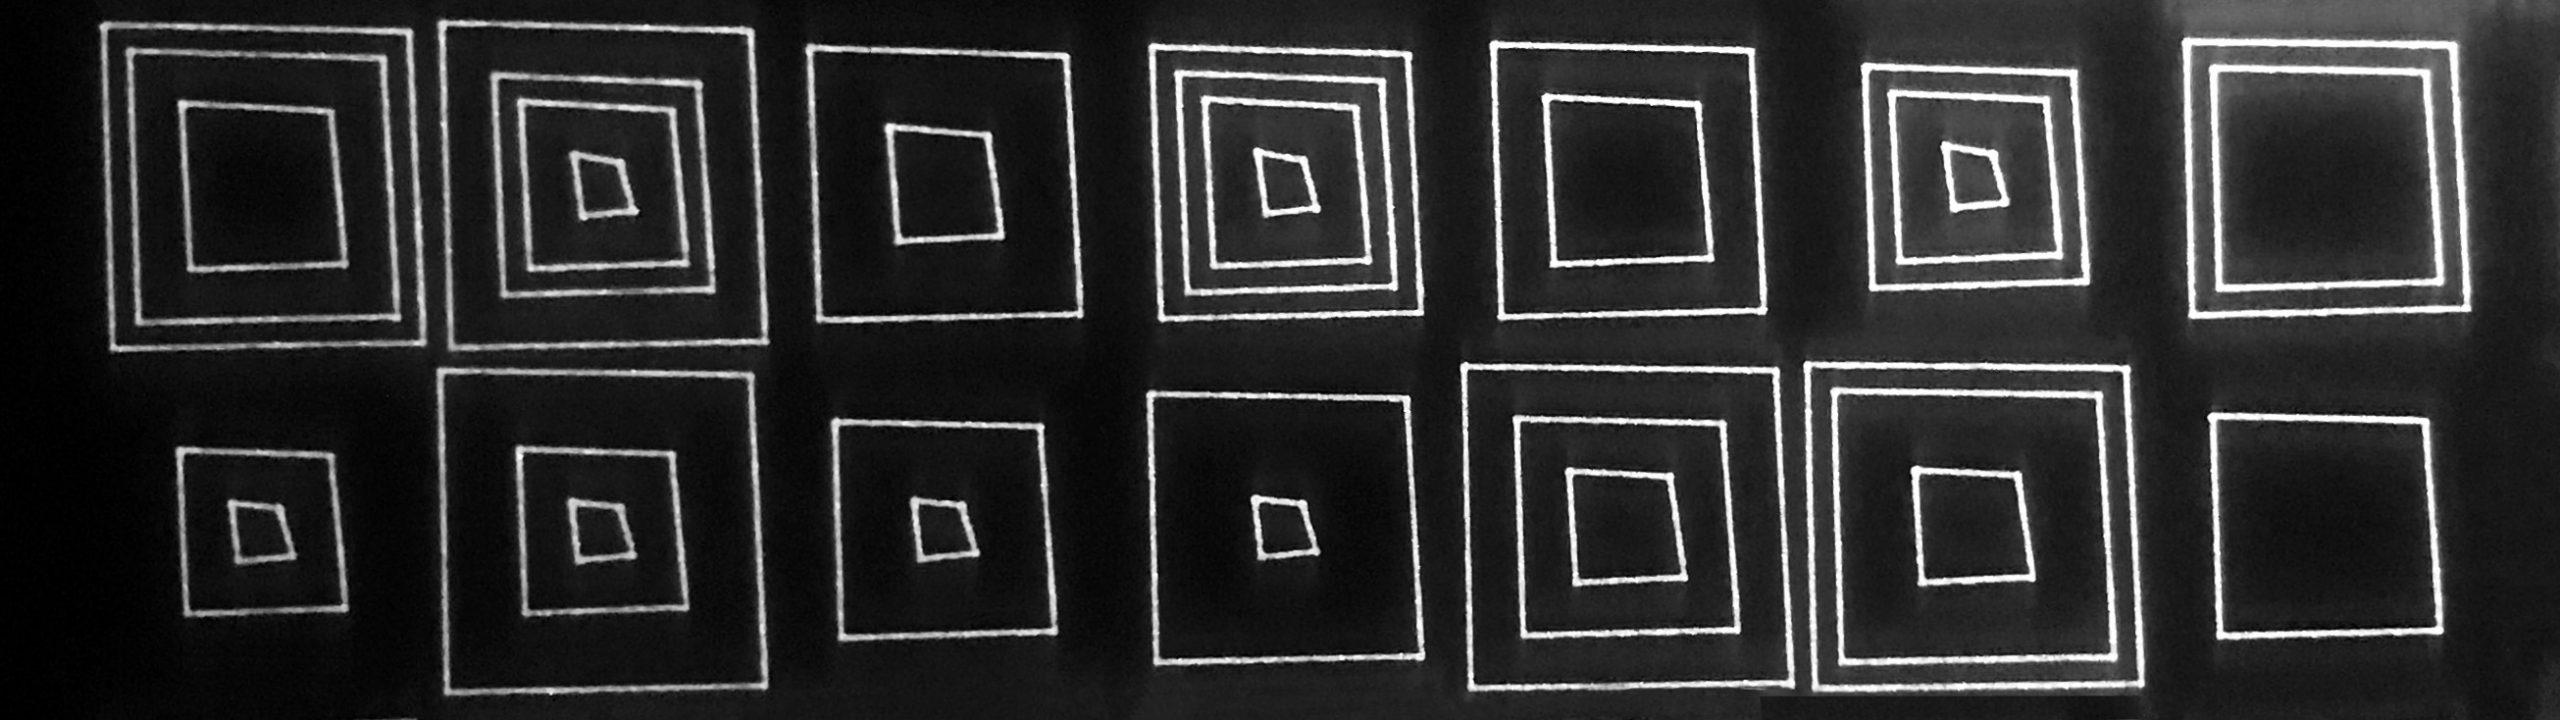 Vierkanten met ruis